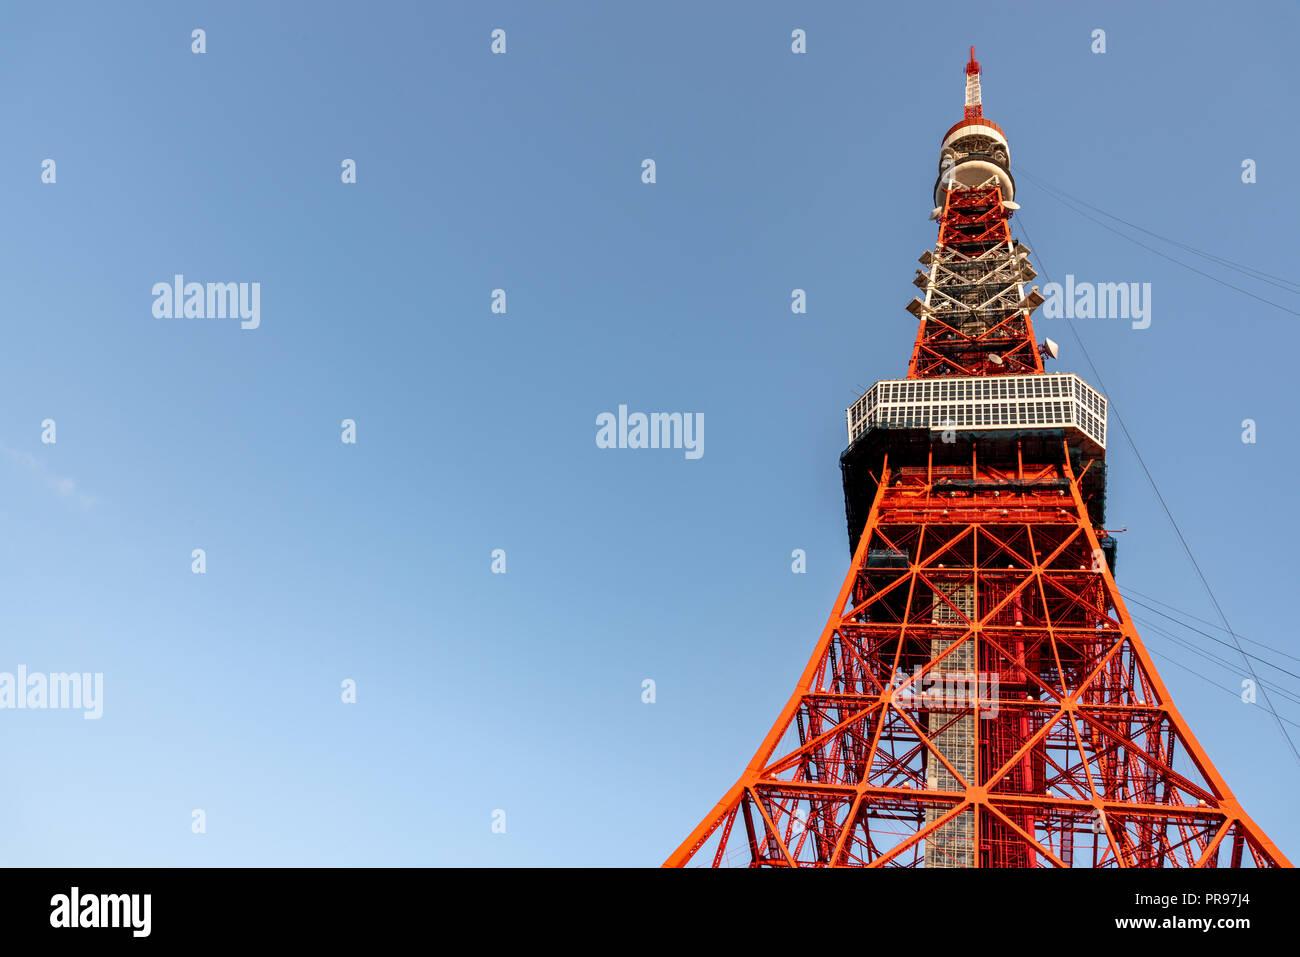 Tokyo tower and Sakura Cherry blossom in spring season at Tokyo, Japan. - Stock Image